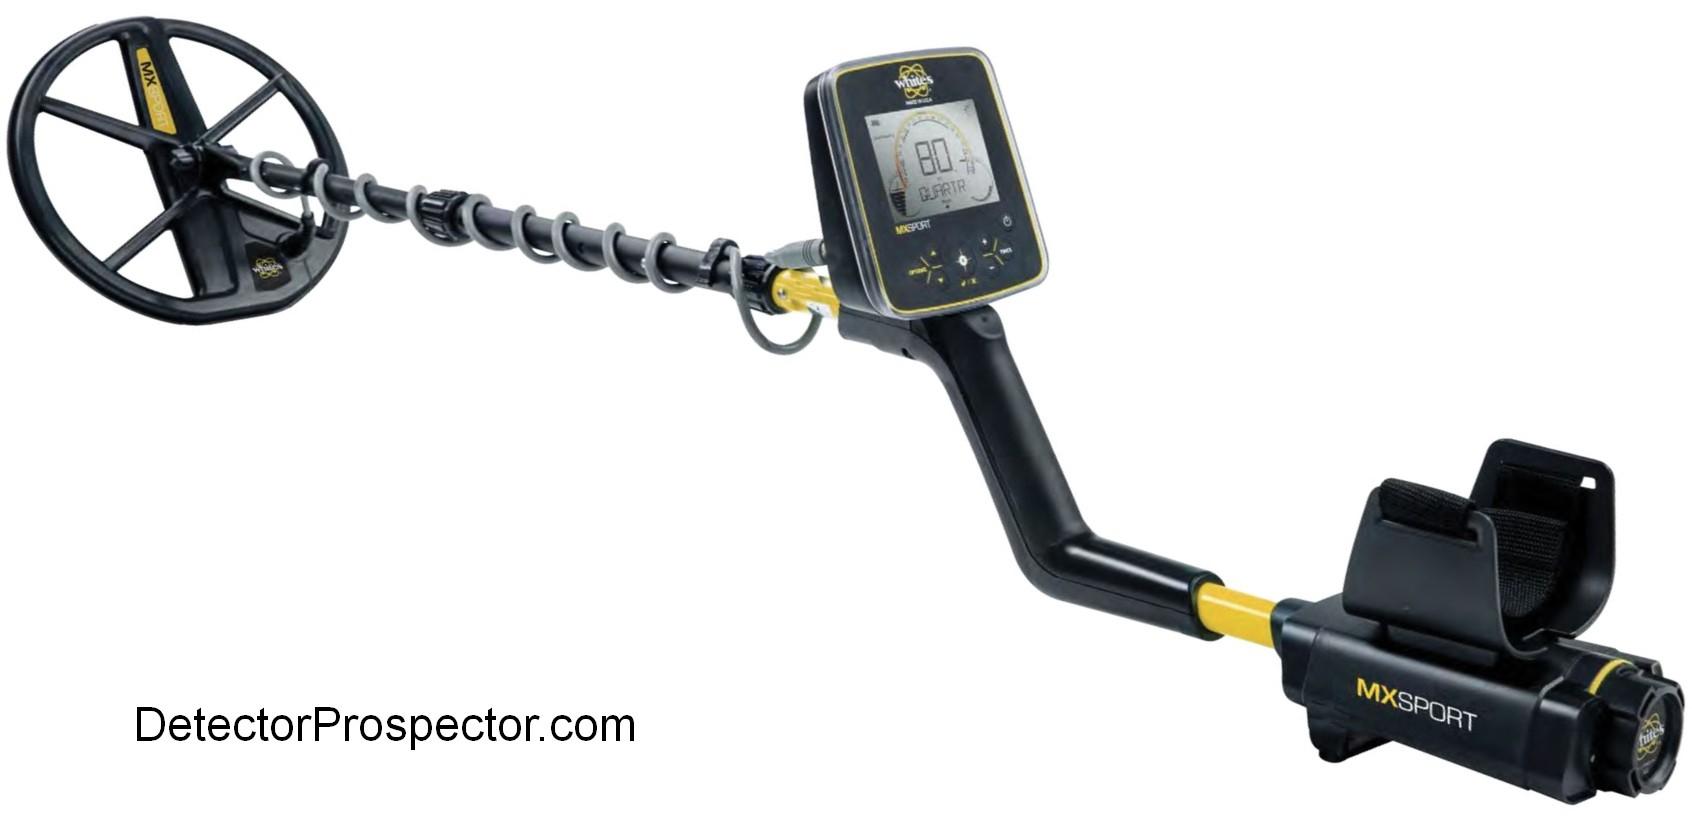 whites-mx-sport-metal-detector-waterproo